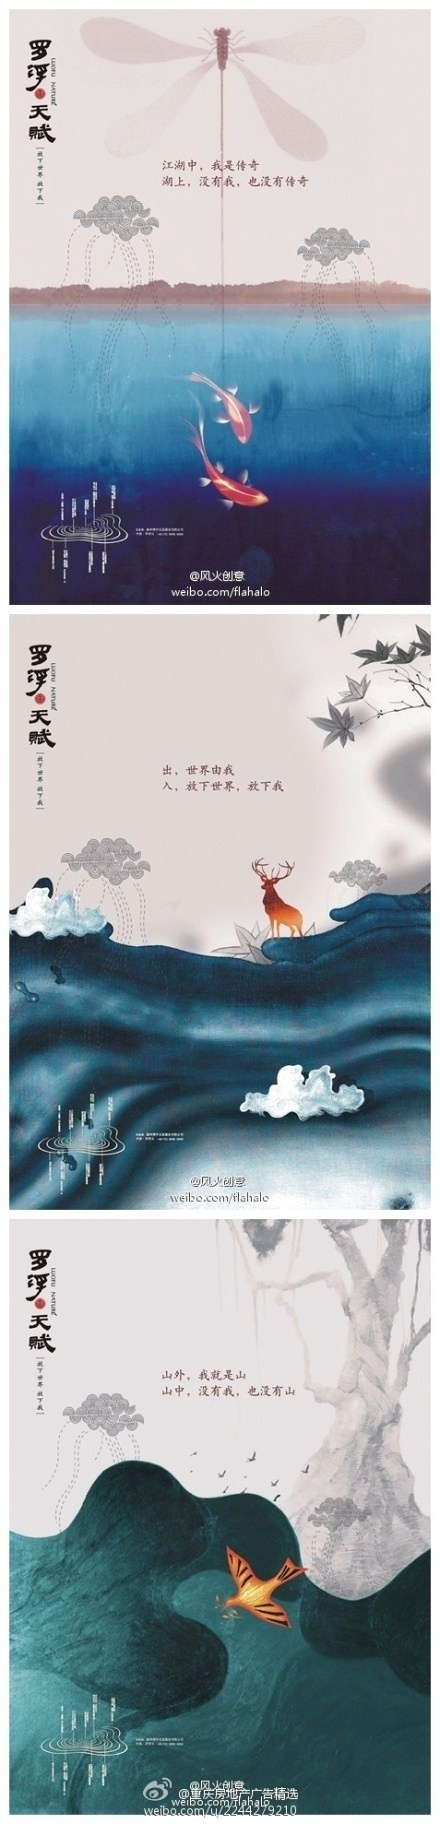 【图】重庆房地产广告精选的微博 新浪微博-随时随地分享身边的新..._我喜欢用户的收集_我喜欢网 #Graphic Design Poster